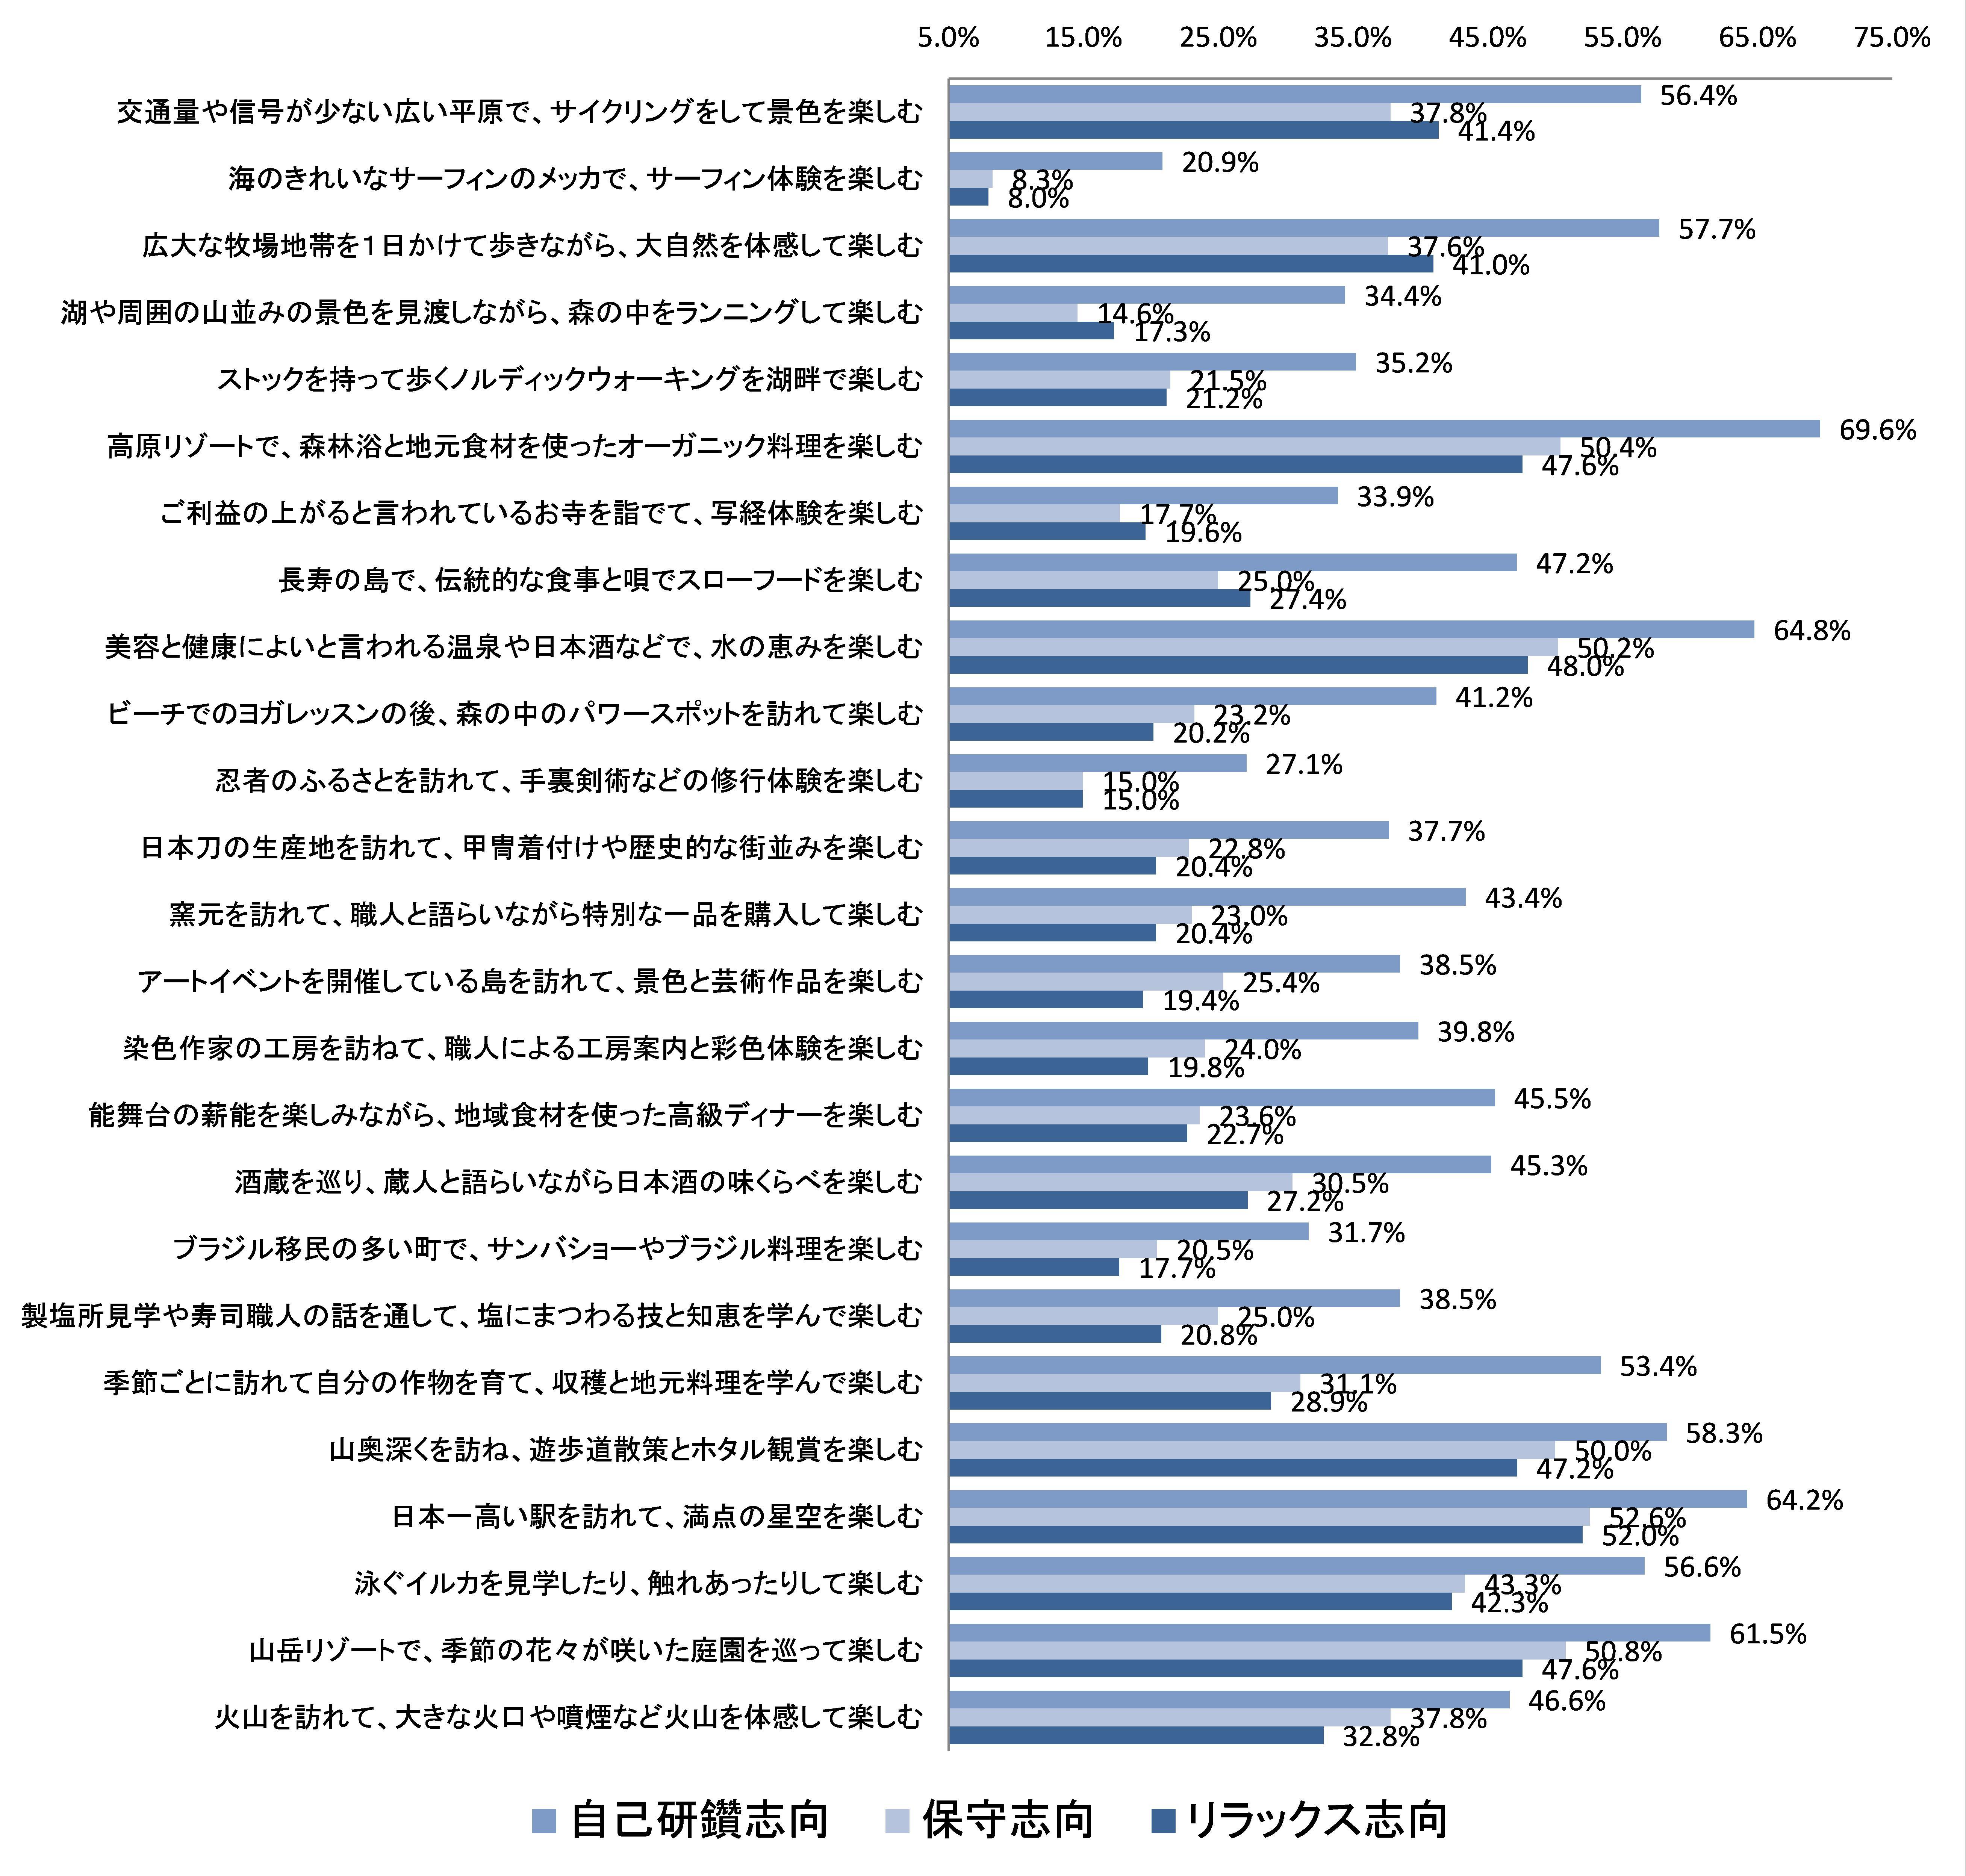 図:グループ別の観光プログラムへの参加意向(N=2083) ※パーセンテージは、参加意向がある人の割合を示す 出典:観光庁「観光地域における評価に係る検討実施業務」報告書を基に作成